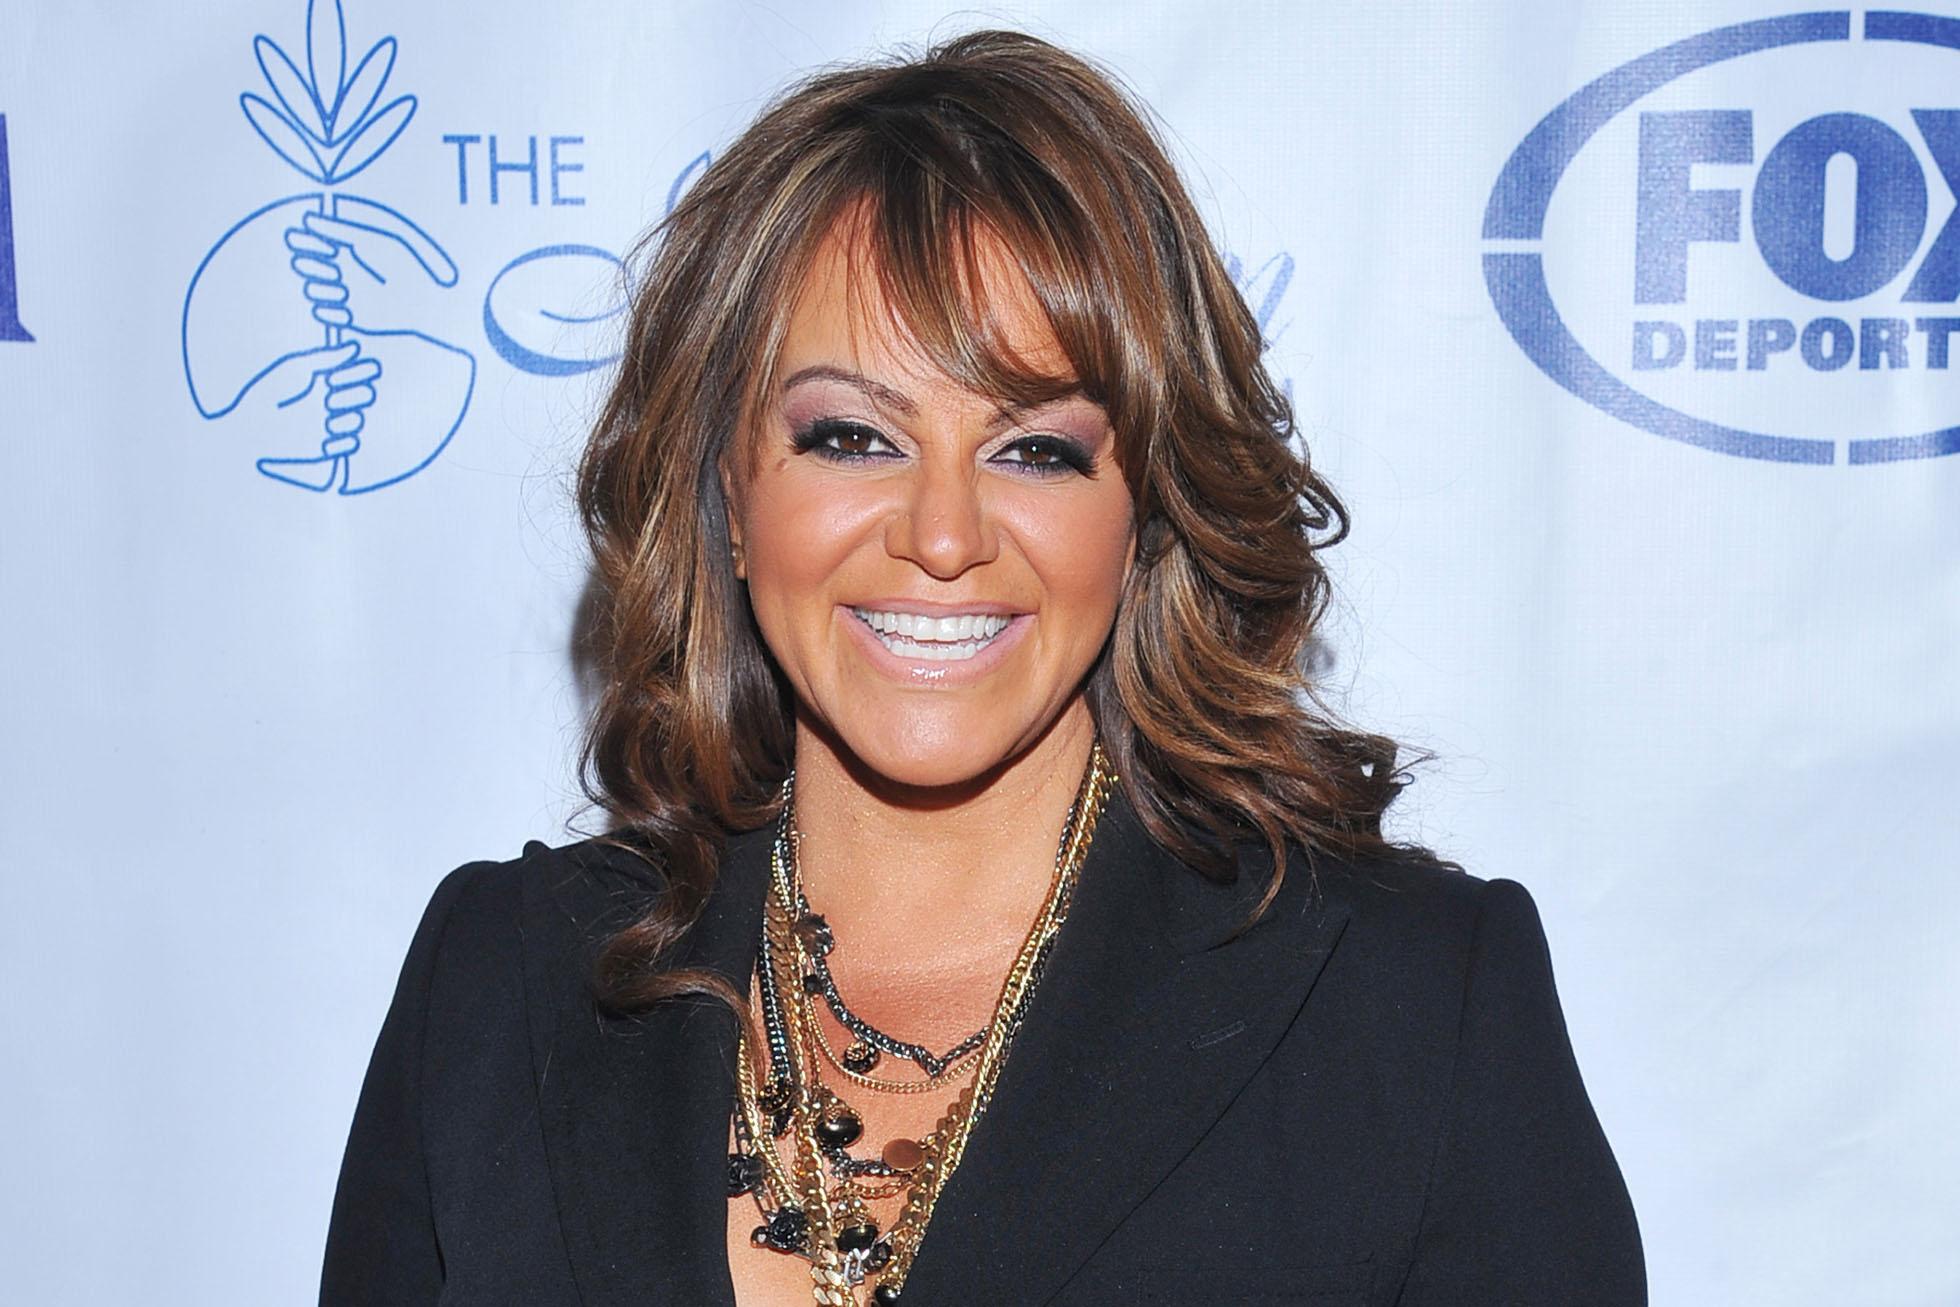 Singer Jenni Rivera - age: 43